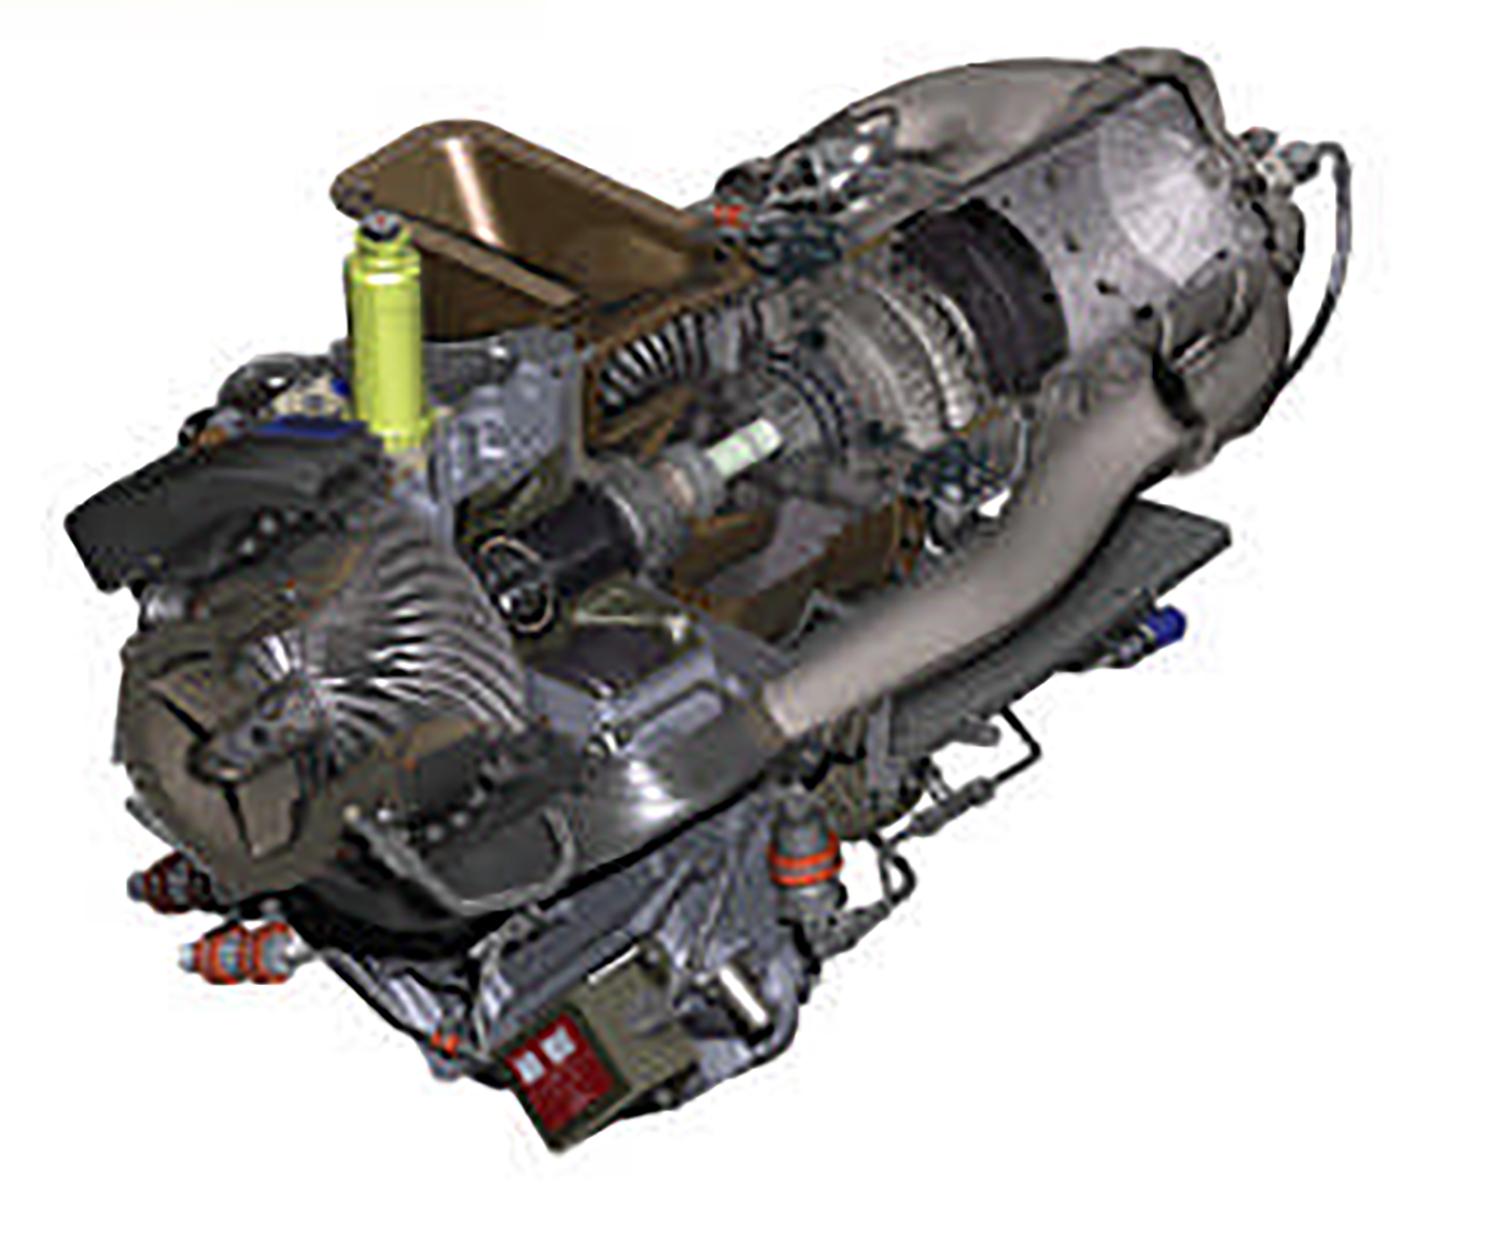 ロビンソン式R66型のエンジン